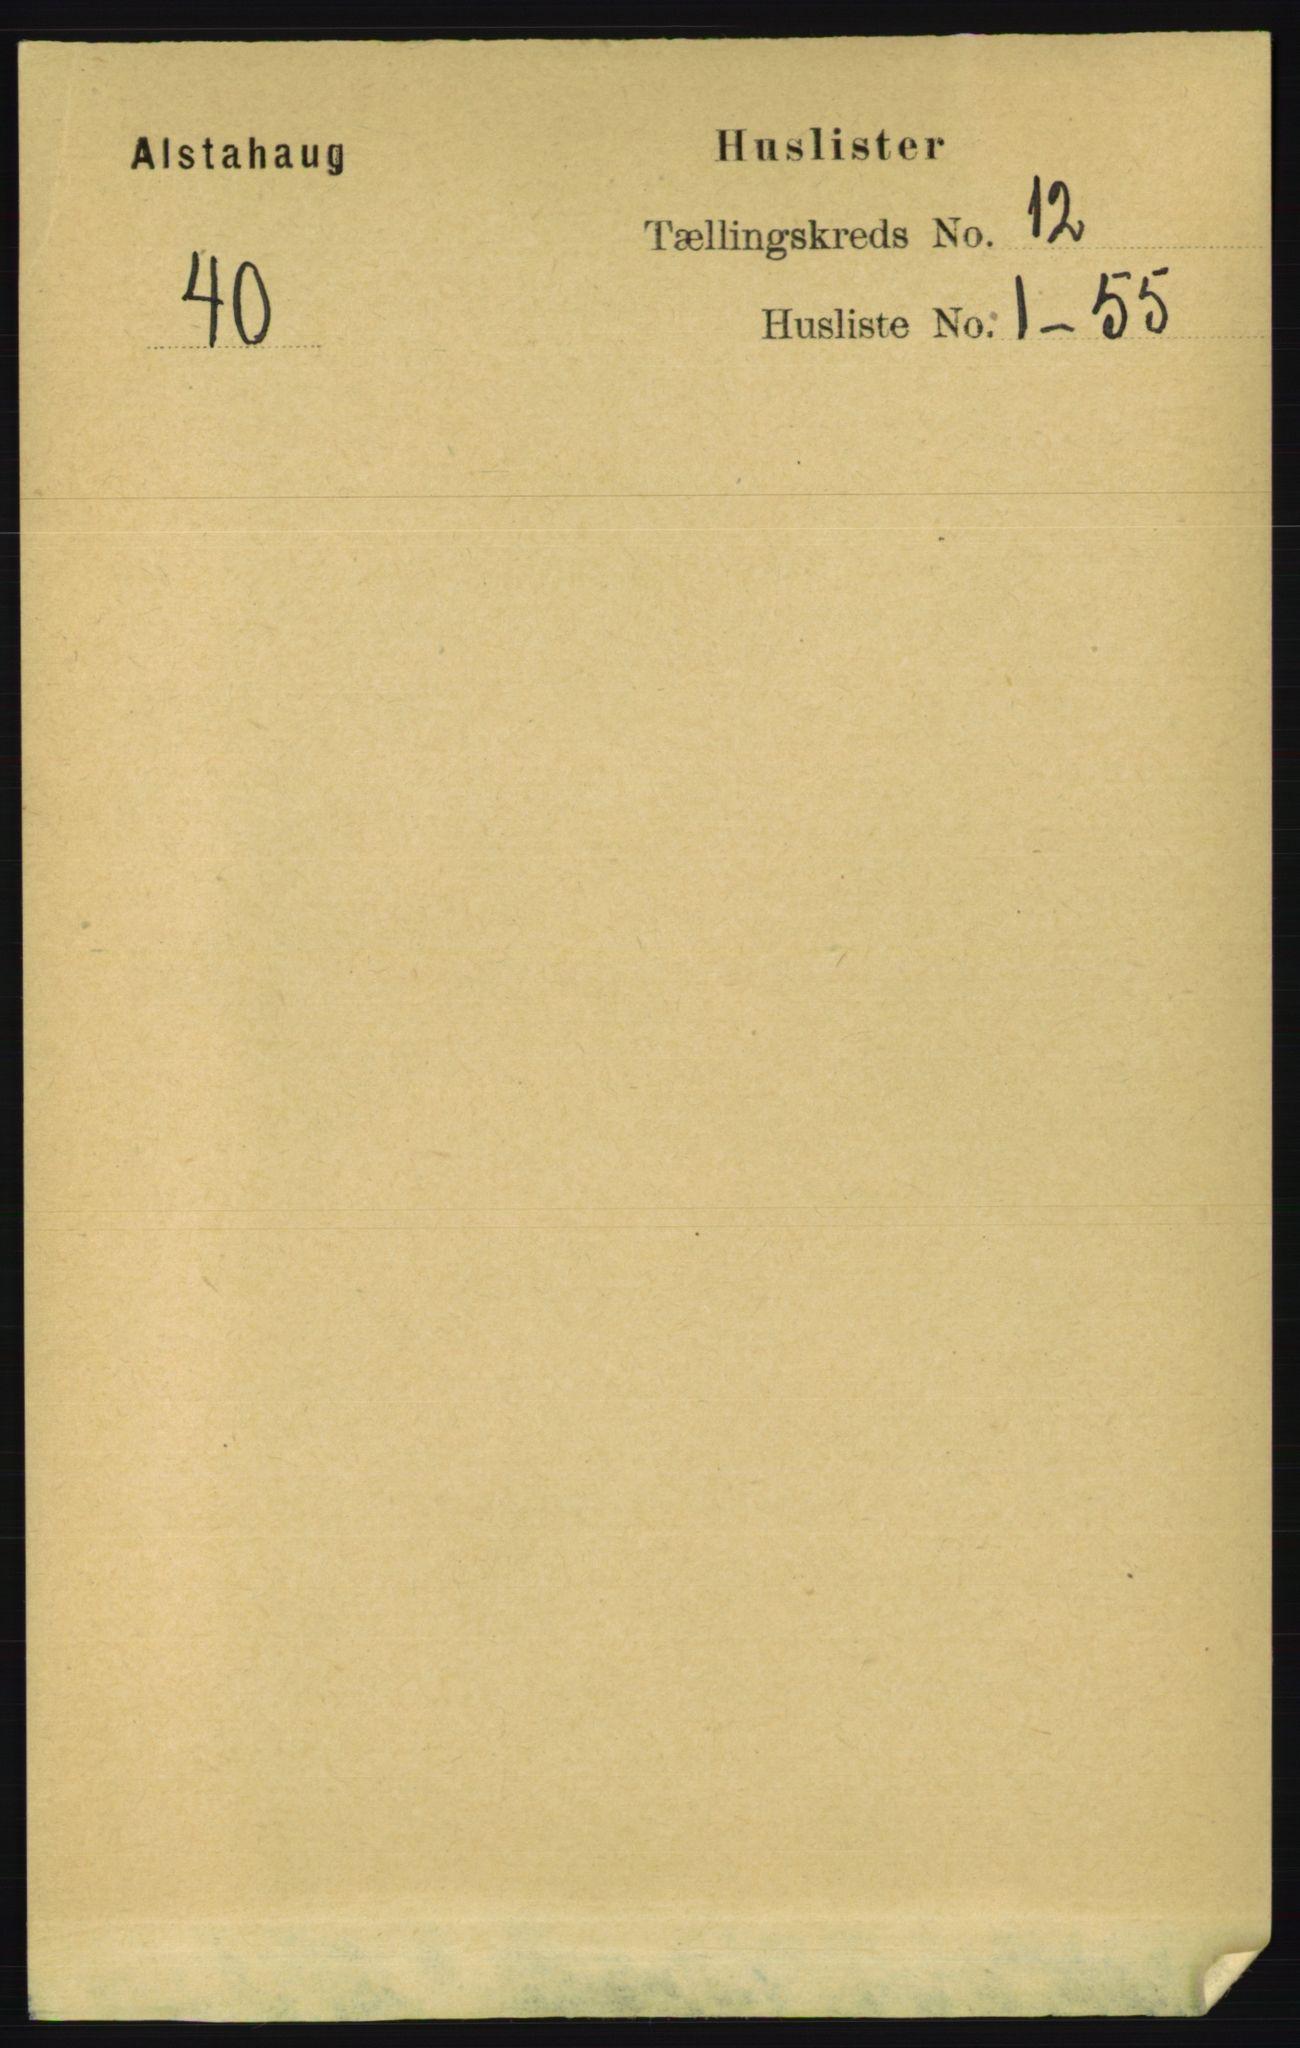 RA, Folketelling 1891 for 1820 Alstahaug herred, 1891, s. 4221